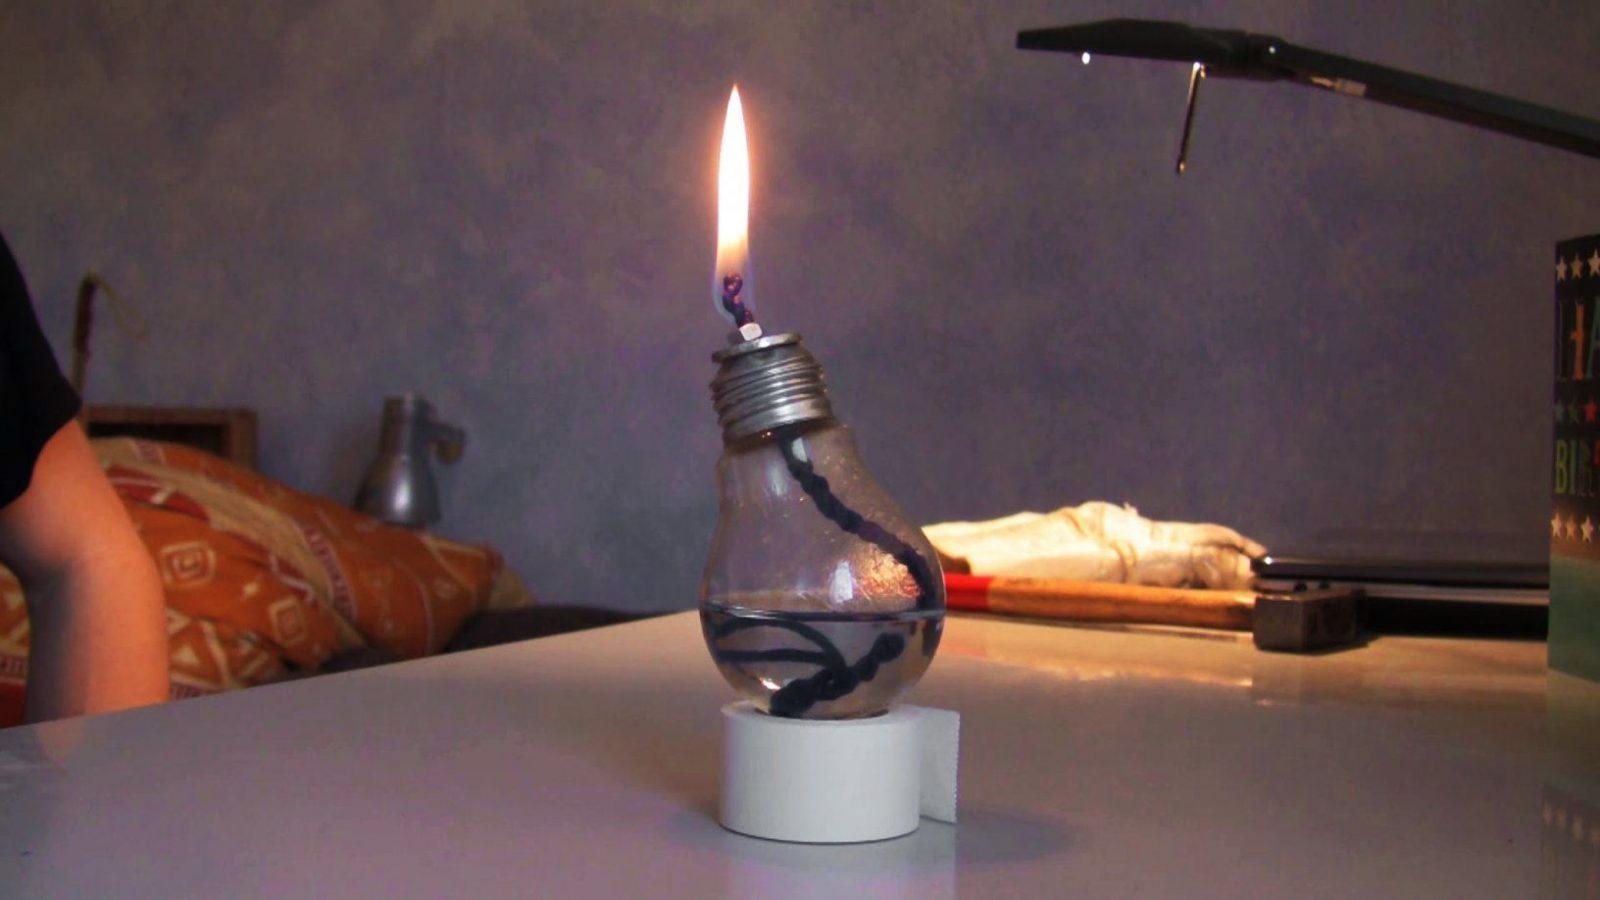 Öllampe Selber Machen Ganz Einfach  Youtube von Glühbirne Lampe Selber Machen Bild